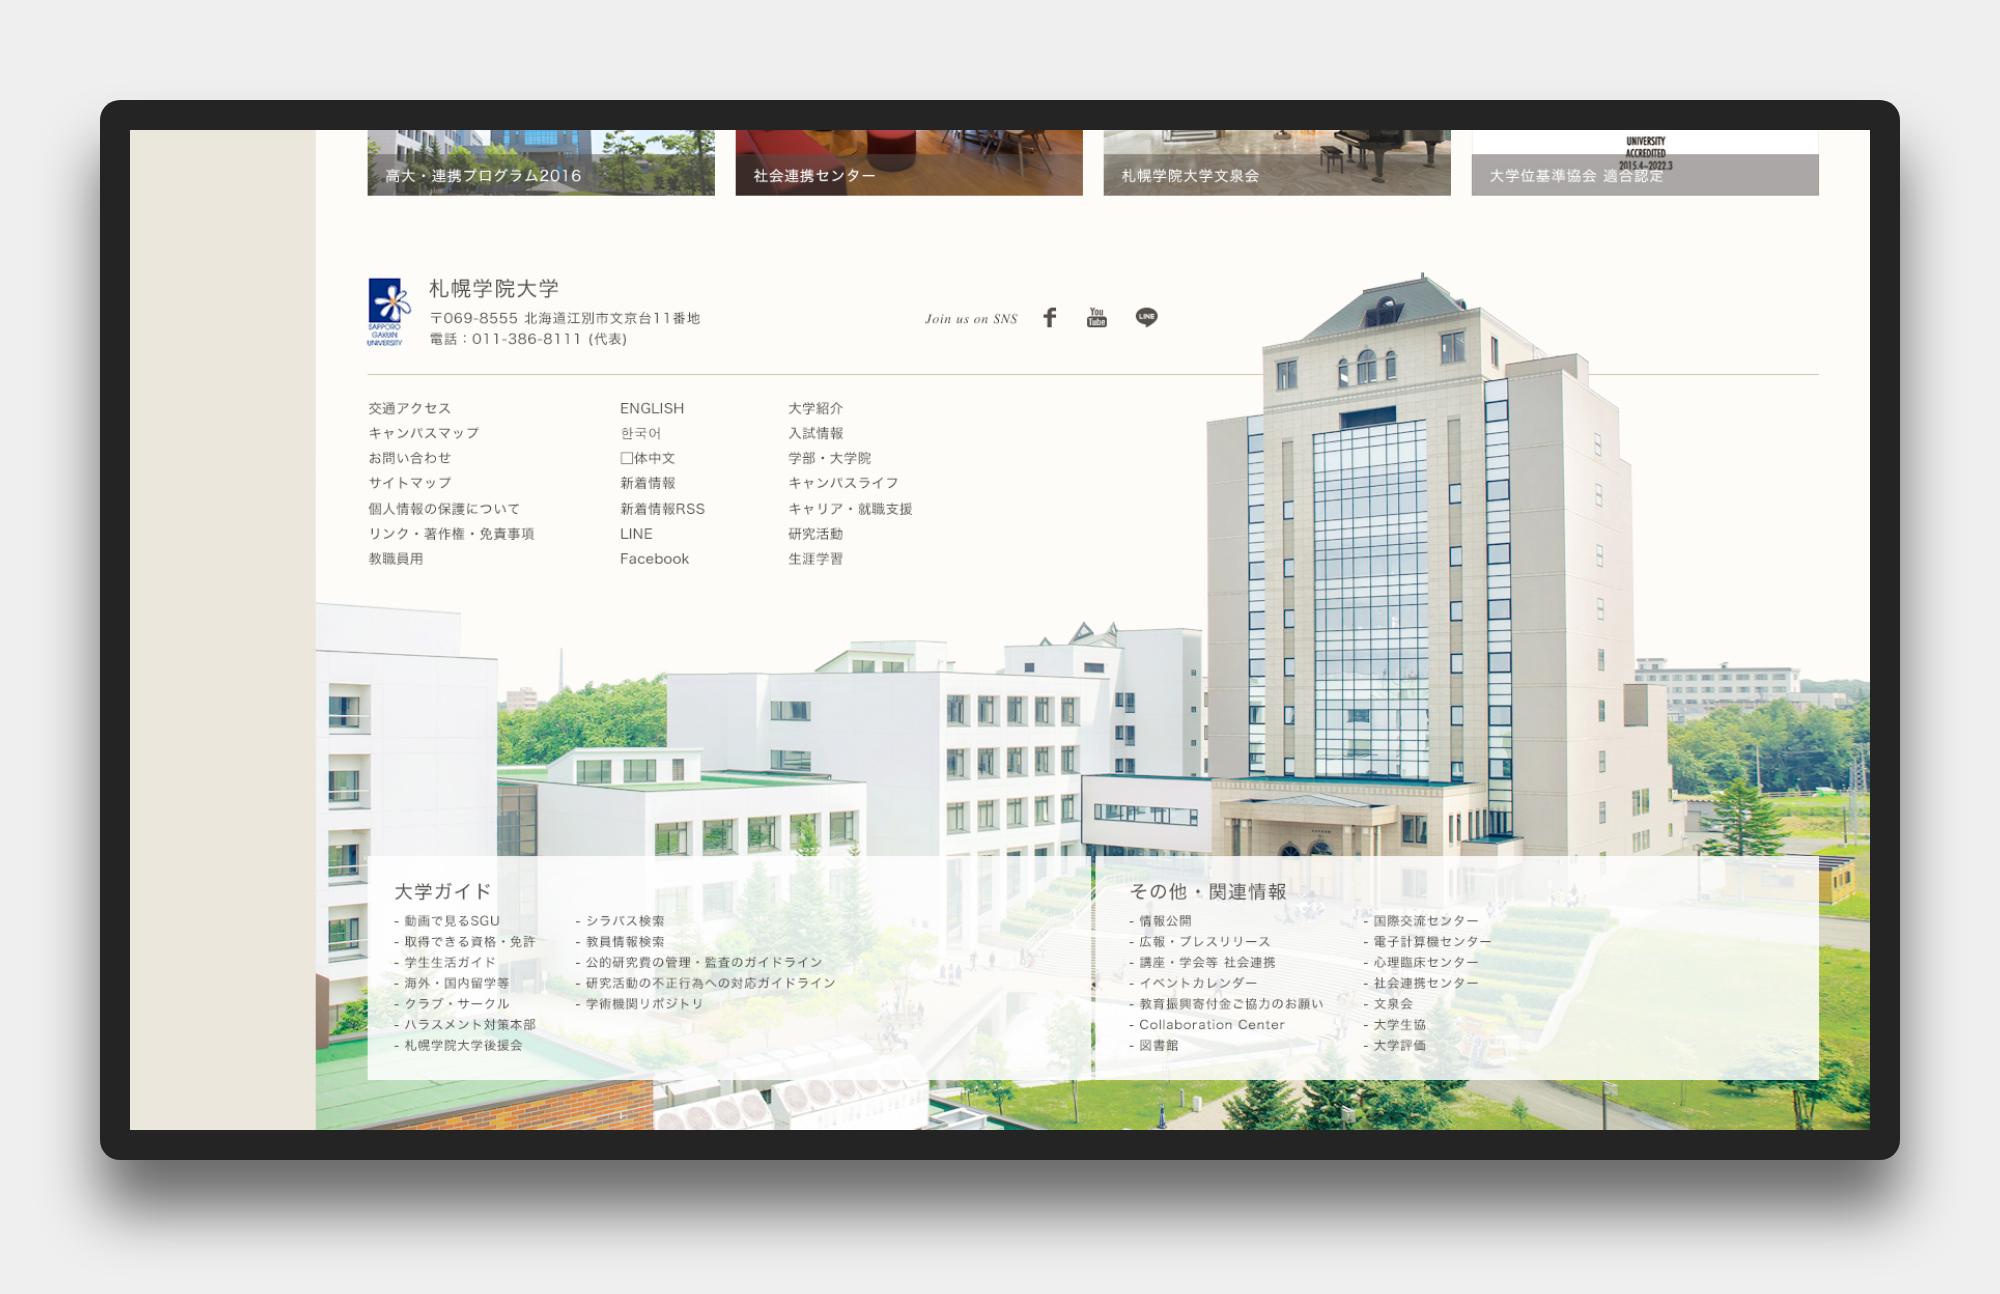 札幌 学院 大学 入試